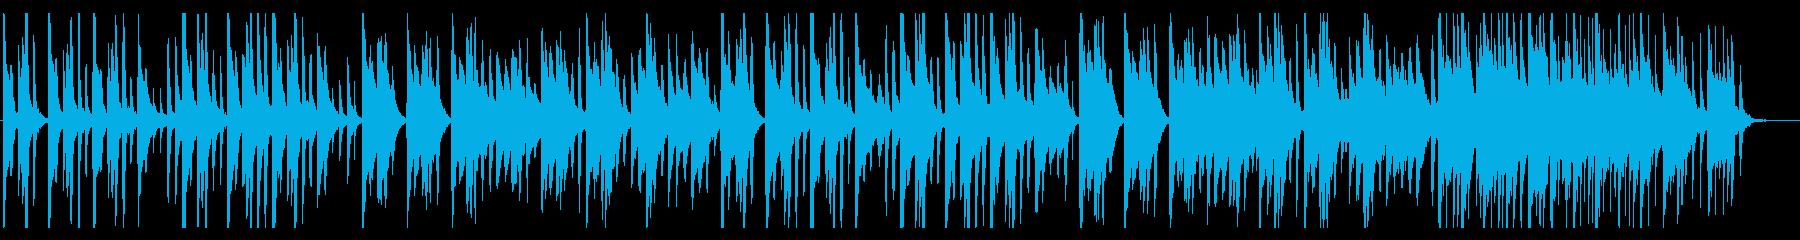 可愛い優しいほのぼのるんるん日常BGMの再生済みの波形